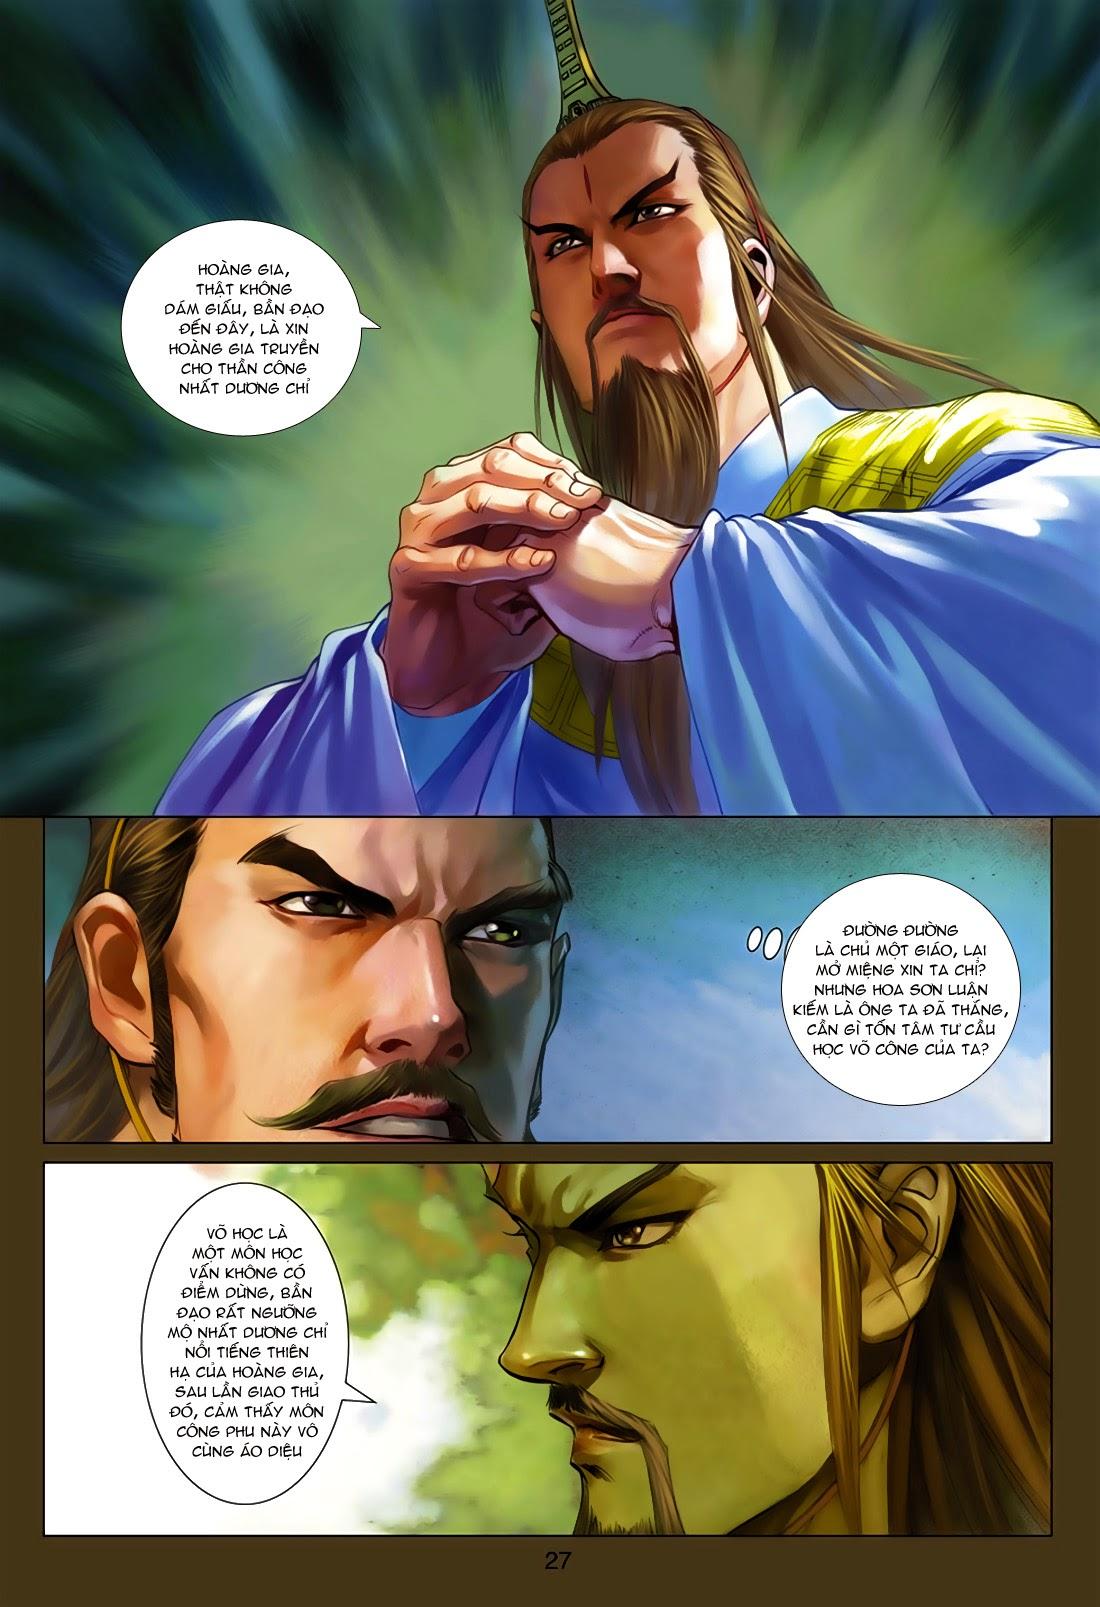 Anh Hùng Xạ Điêu anh hùng xạ đêu chap 75: hoàng thành cựu sự trang 27